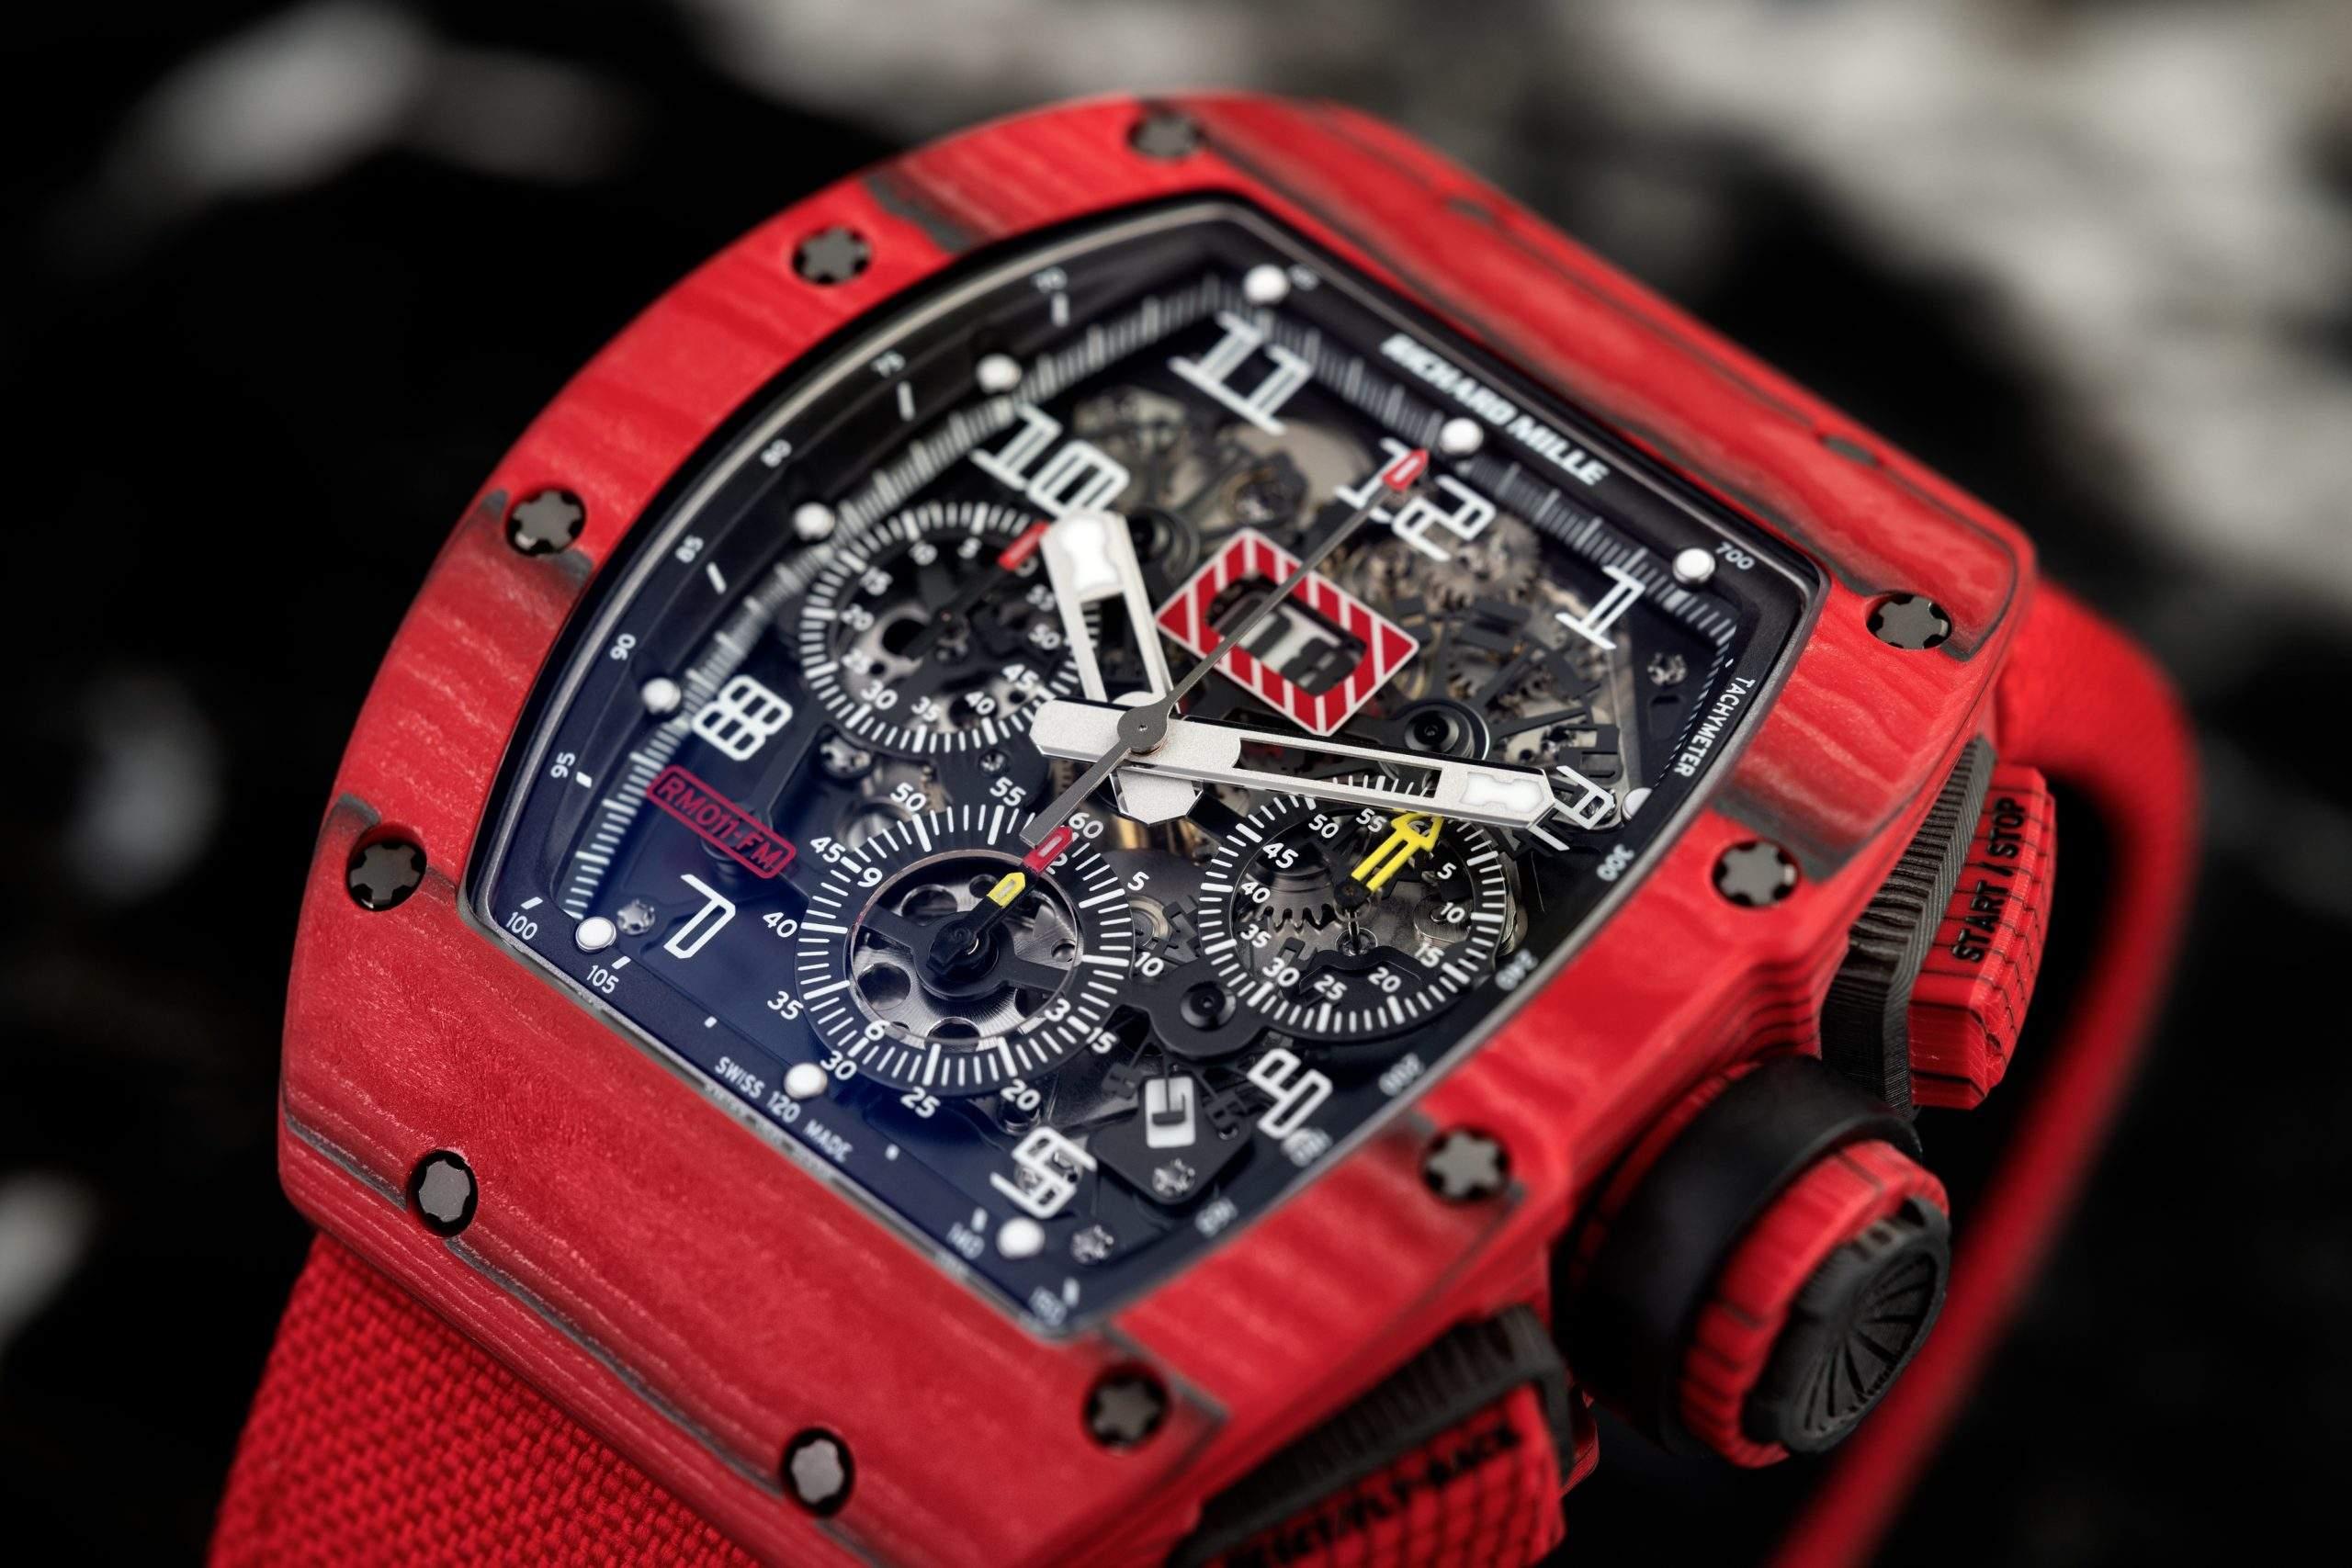 La Richard Mille RM 011 Red TPT Quartz Limited Edition